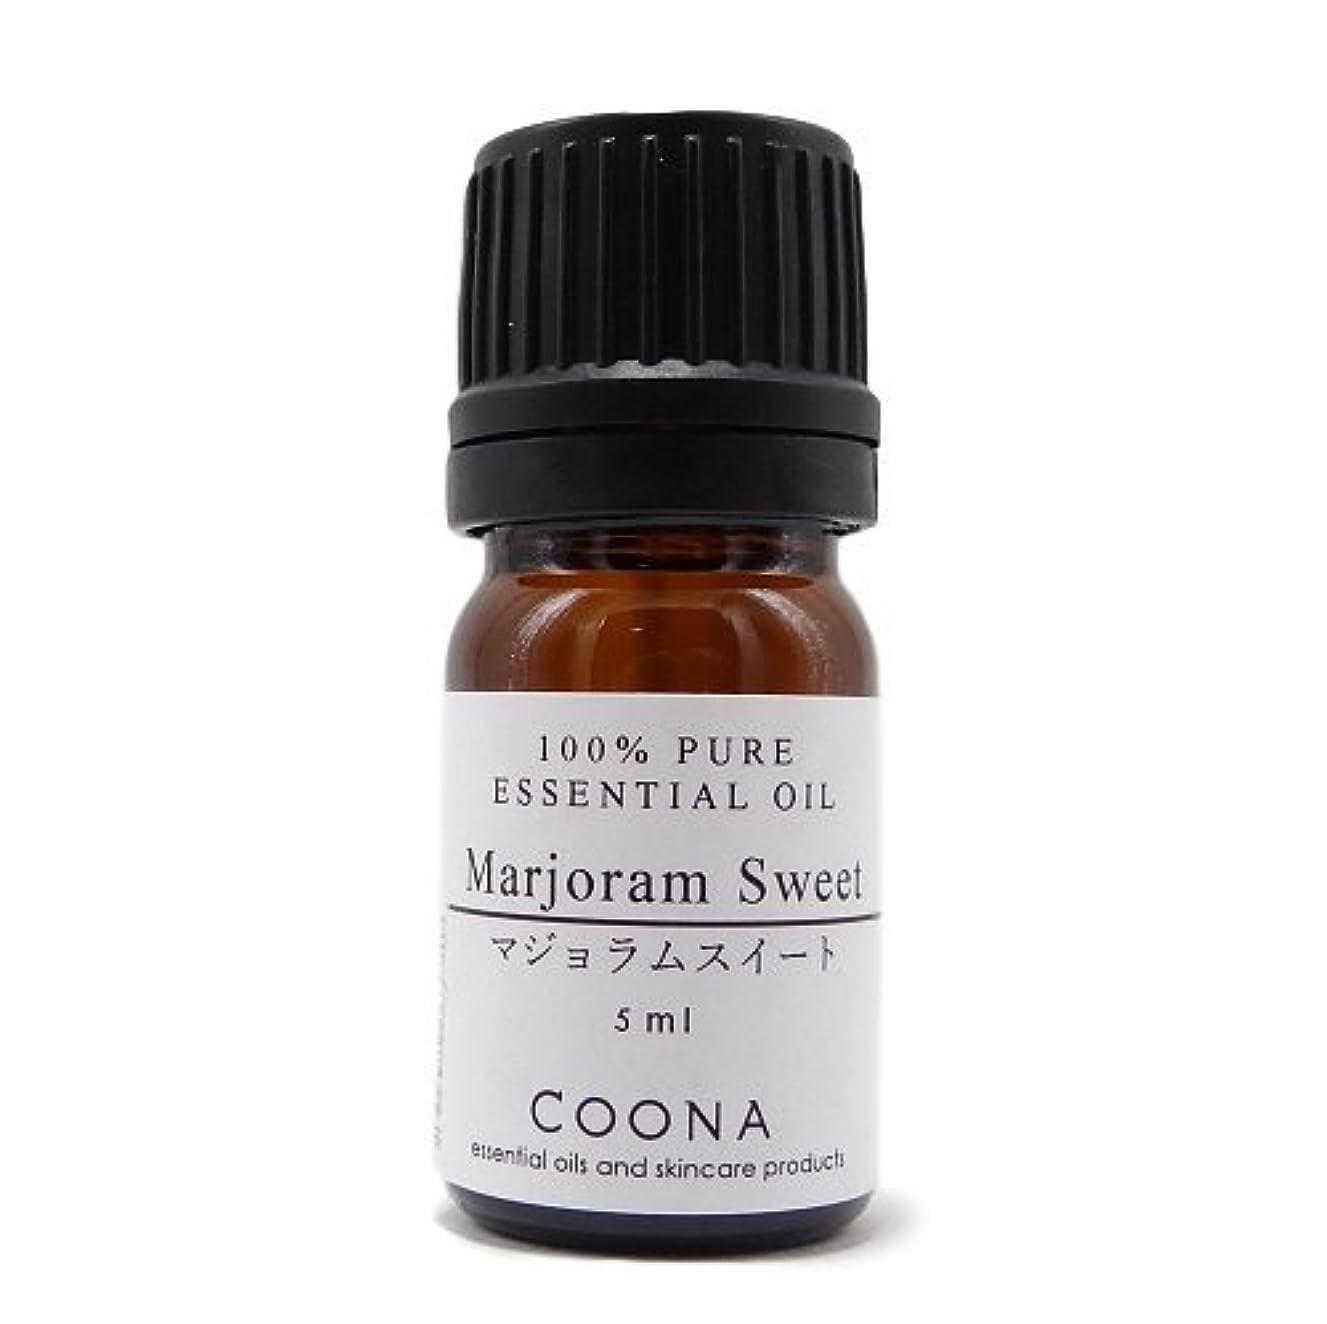 請願者食欲長さマジョラム スイート 5 ml (COONA エッセンシャルオイル アロマオイル 100%天然植物精油)